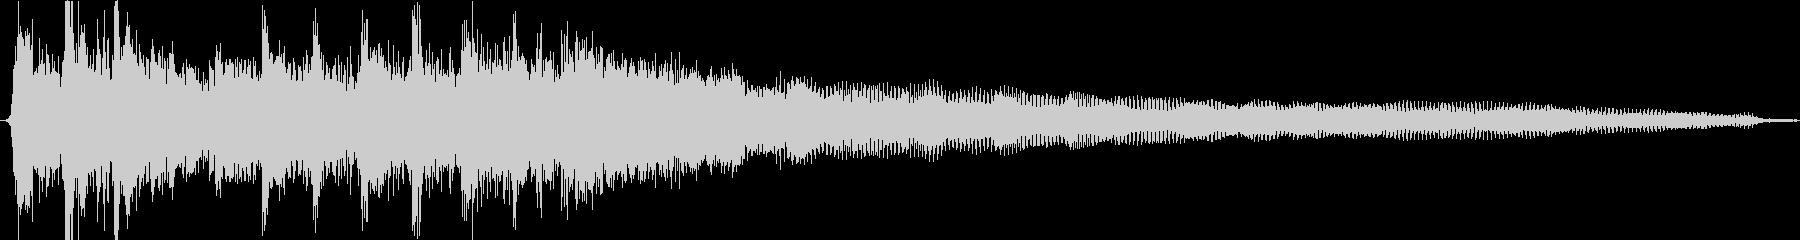 Upbeat vintage pop's unreproduced waveform